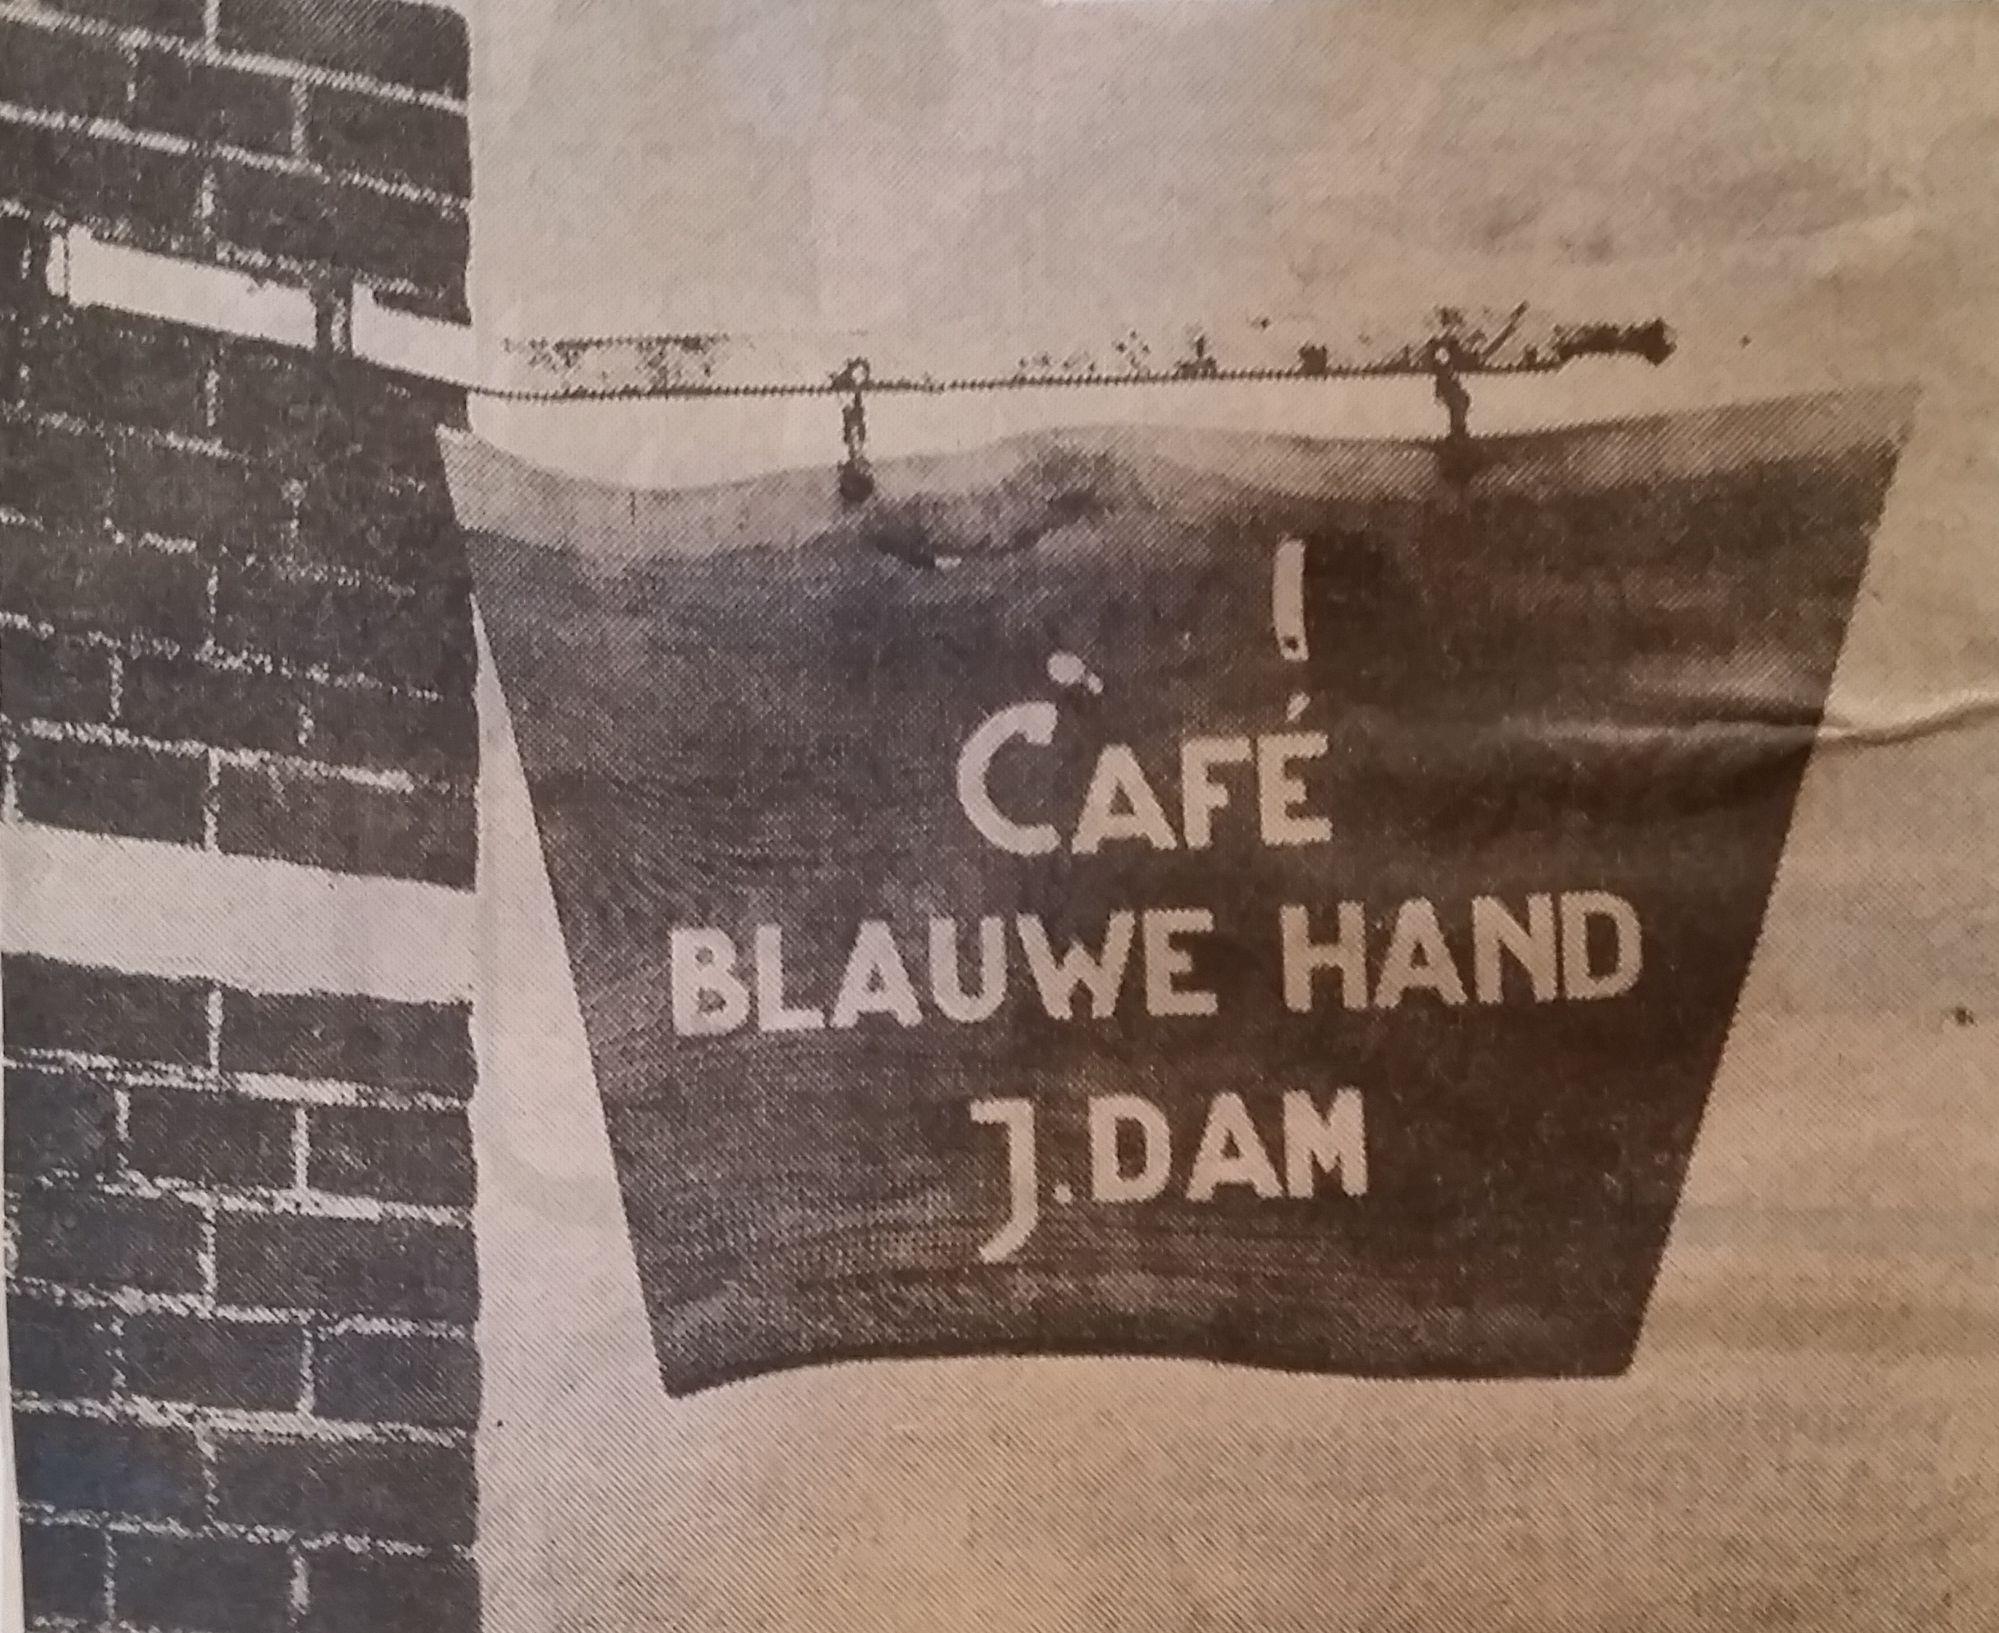 cafe blauwe hand